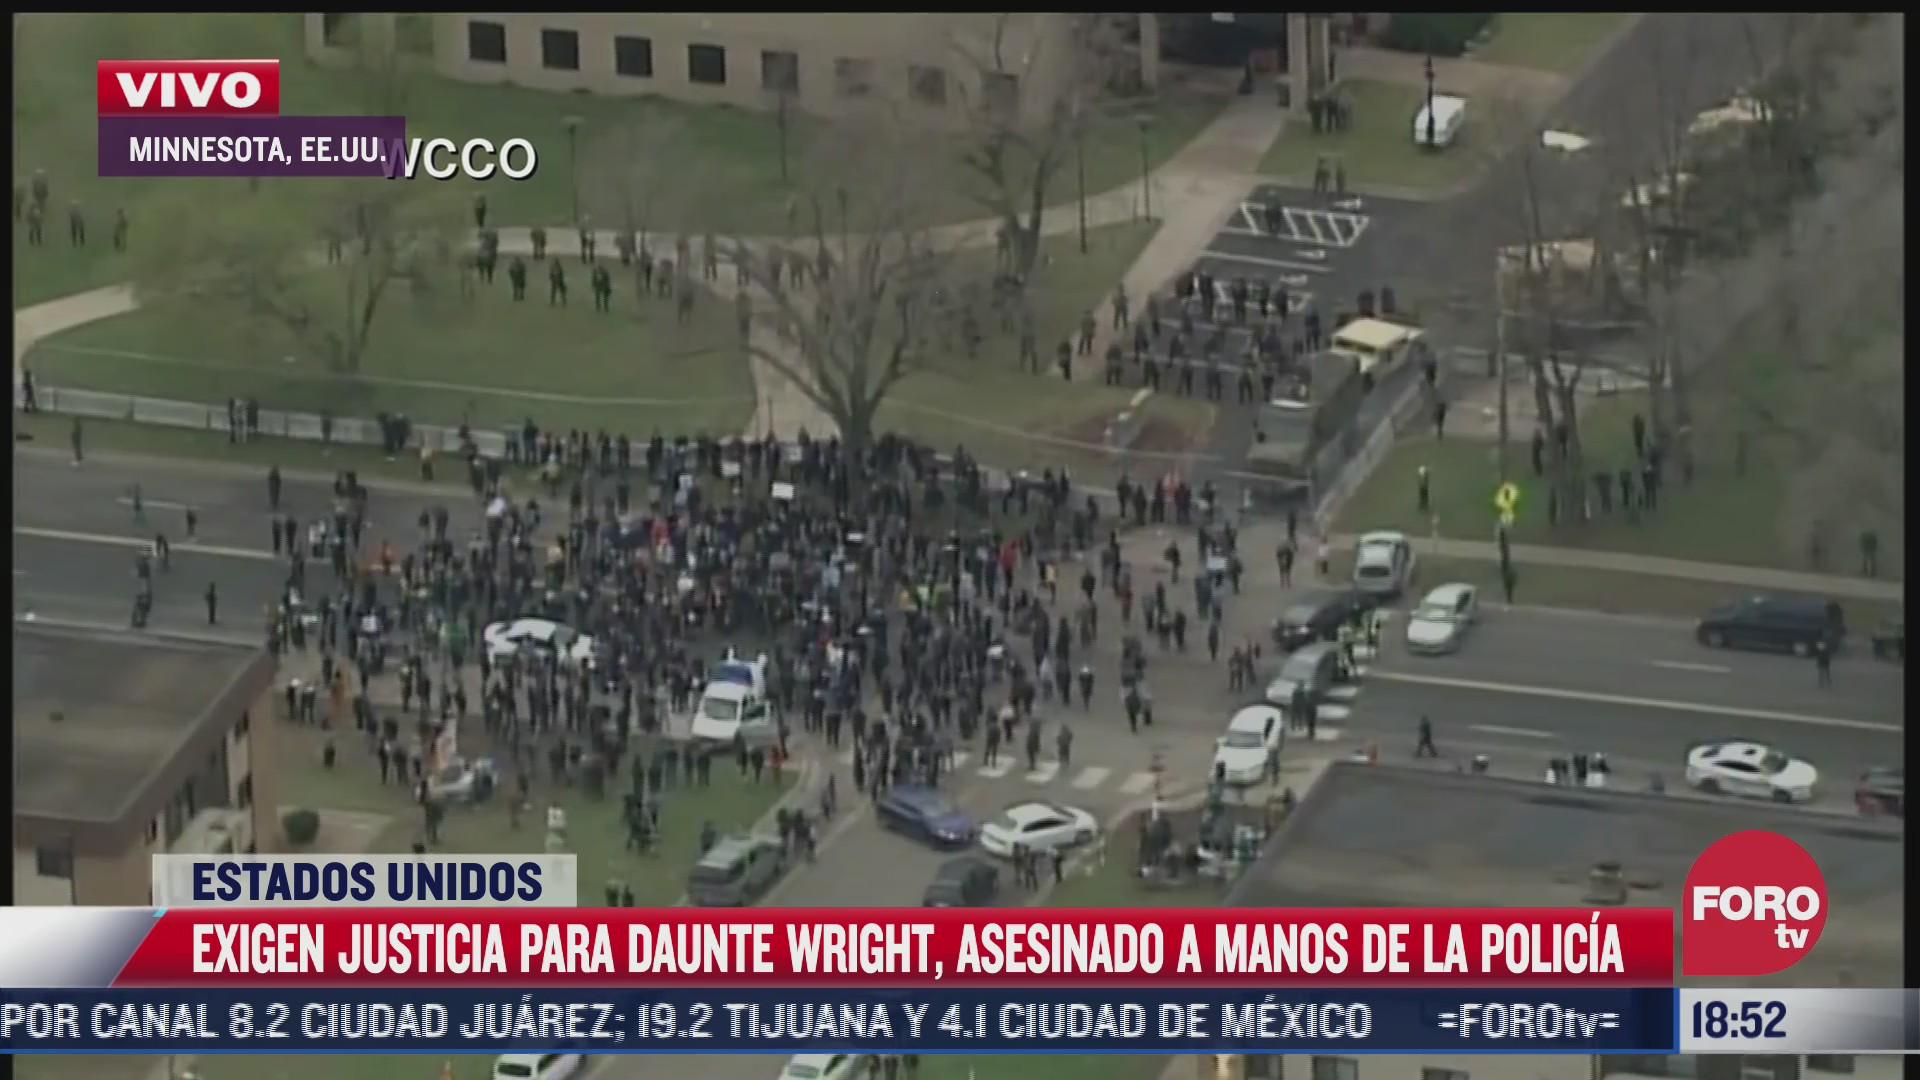 protestan en minnesota eeuu por homicidio de daunte wright